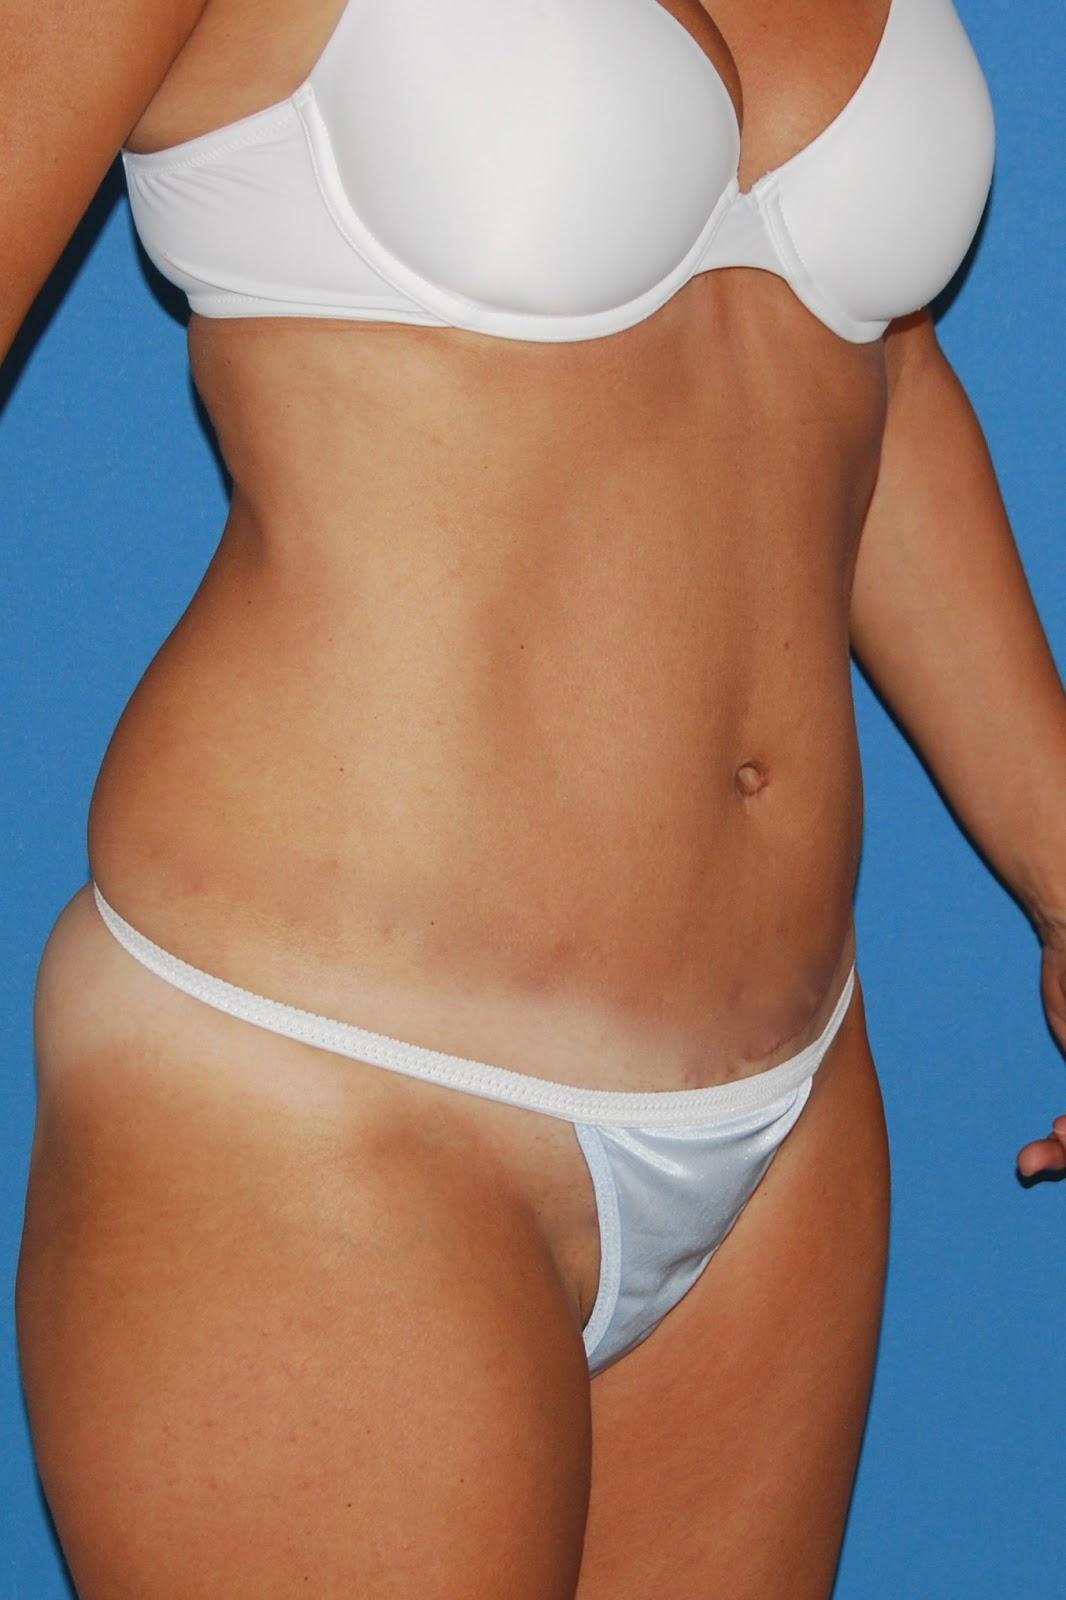 Weight loss surgery brunswick ga image 6